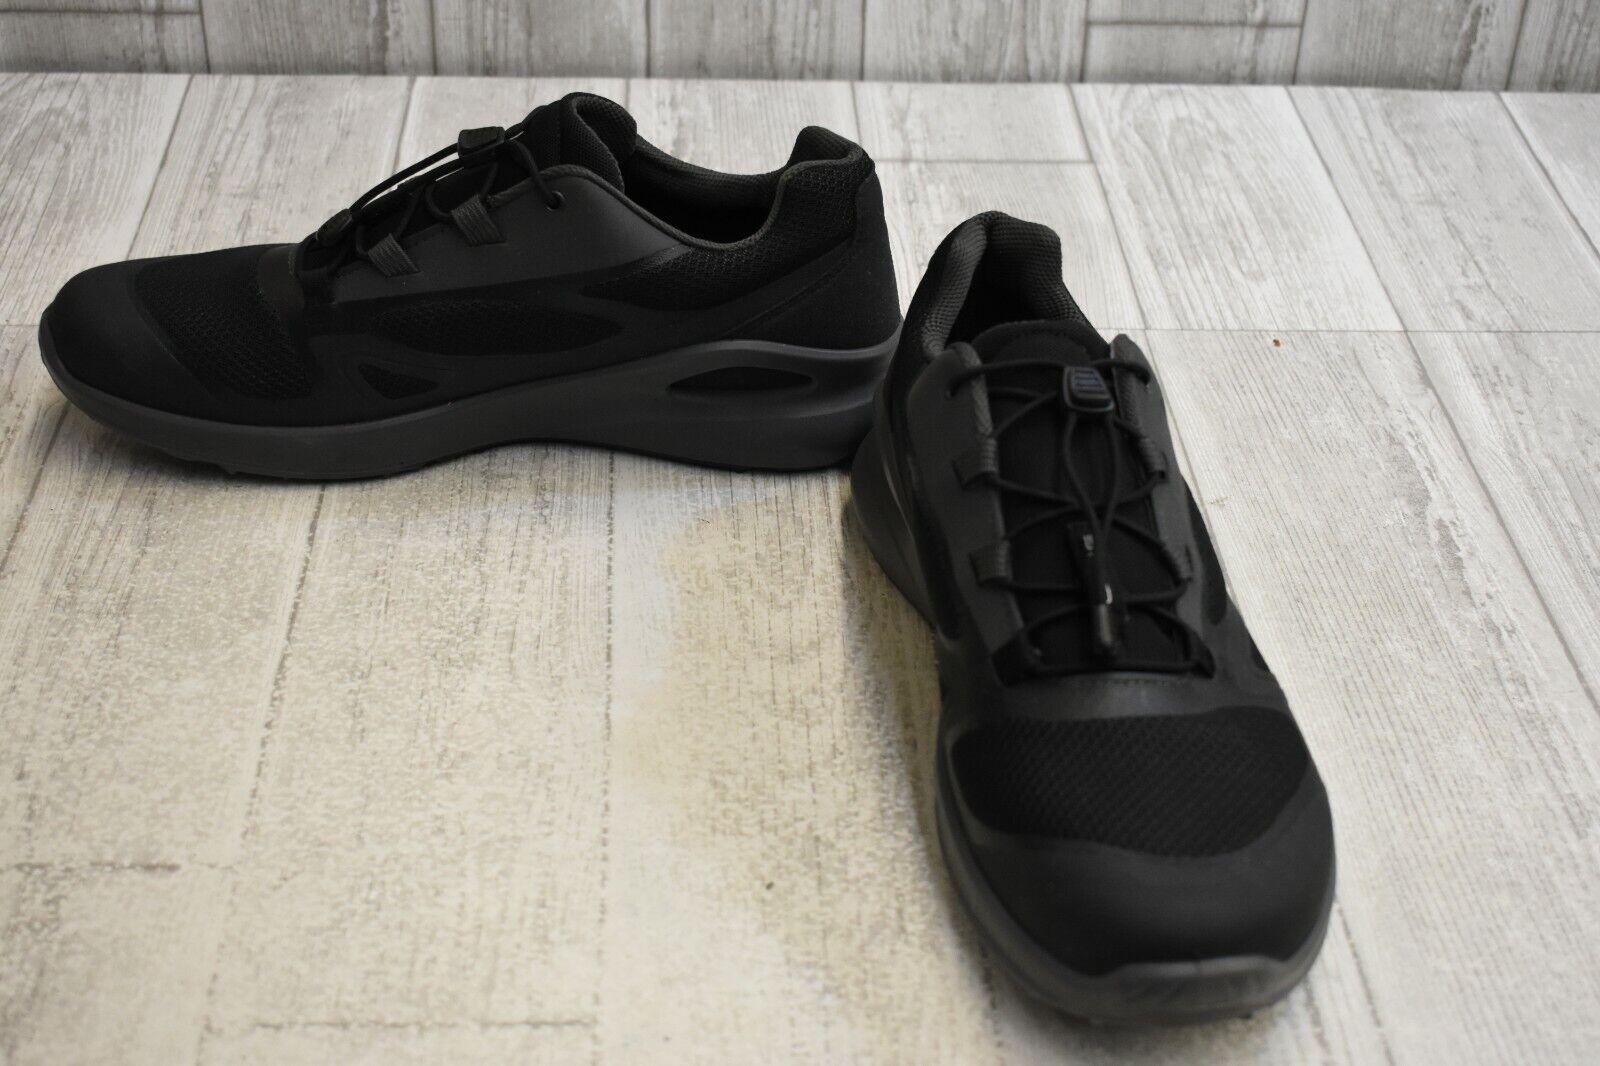 ECCO BIOM Omniquest GTX Impermeable Senderismo Zapatos, Para Hombres negro NUEVO